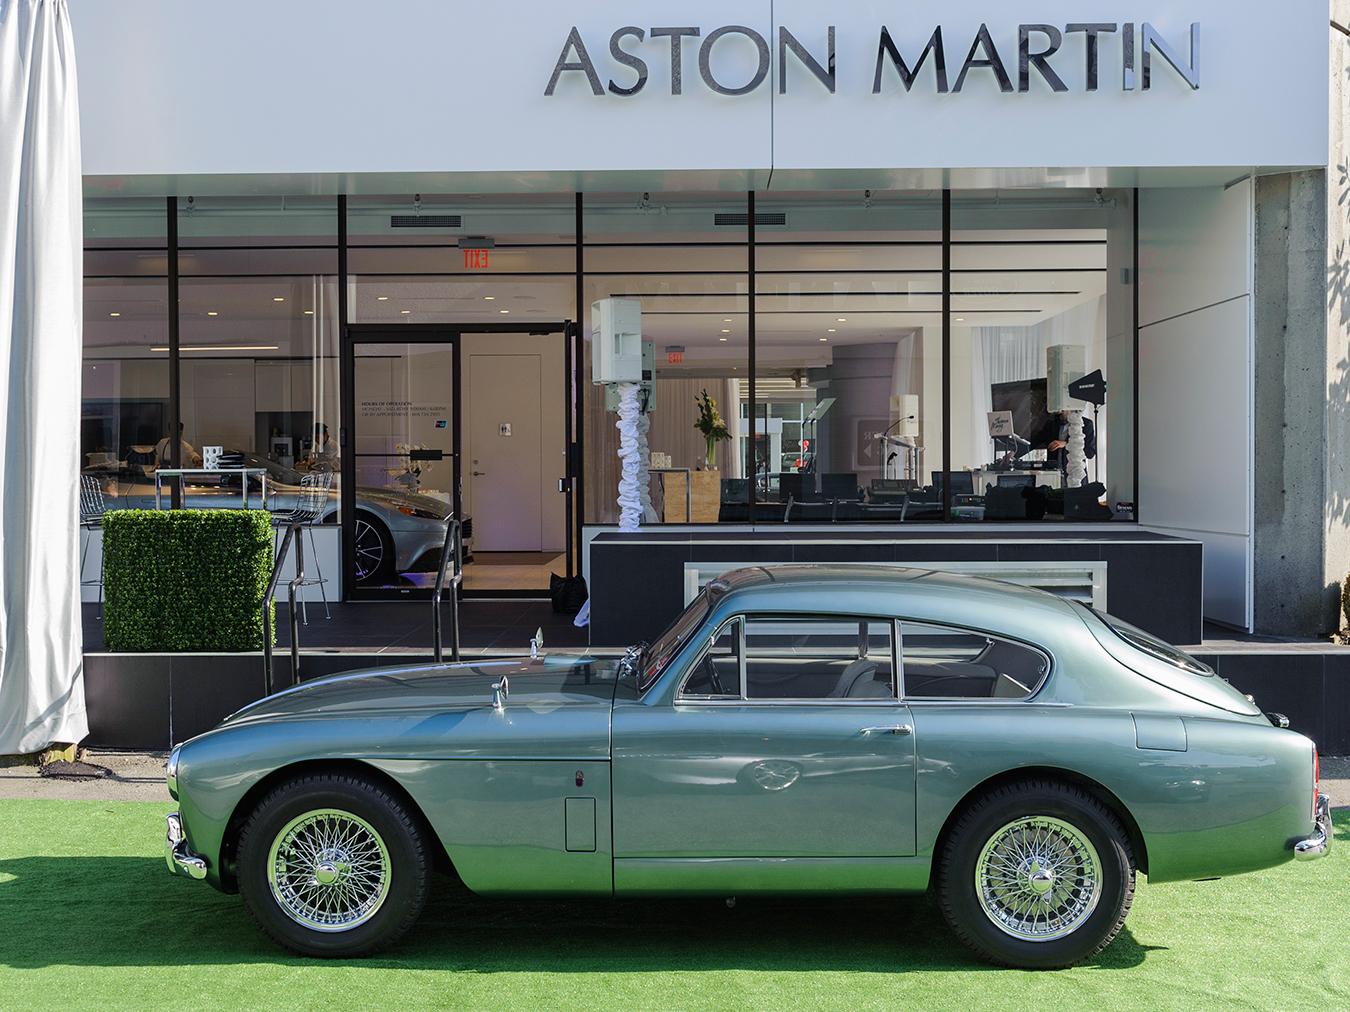 MONTECRISTO Blog: Aston Martin's New Space